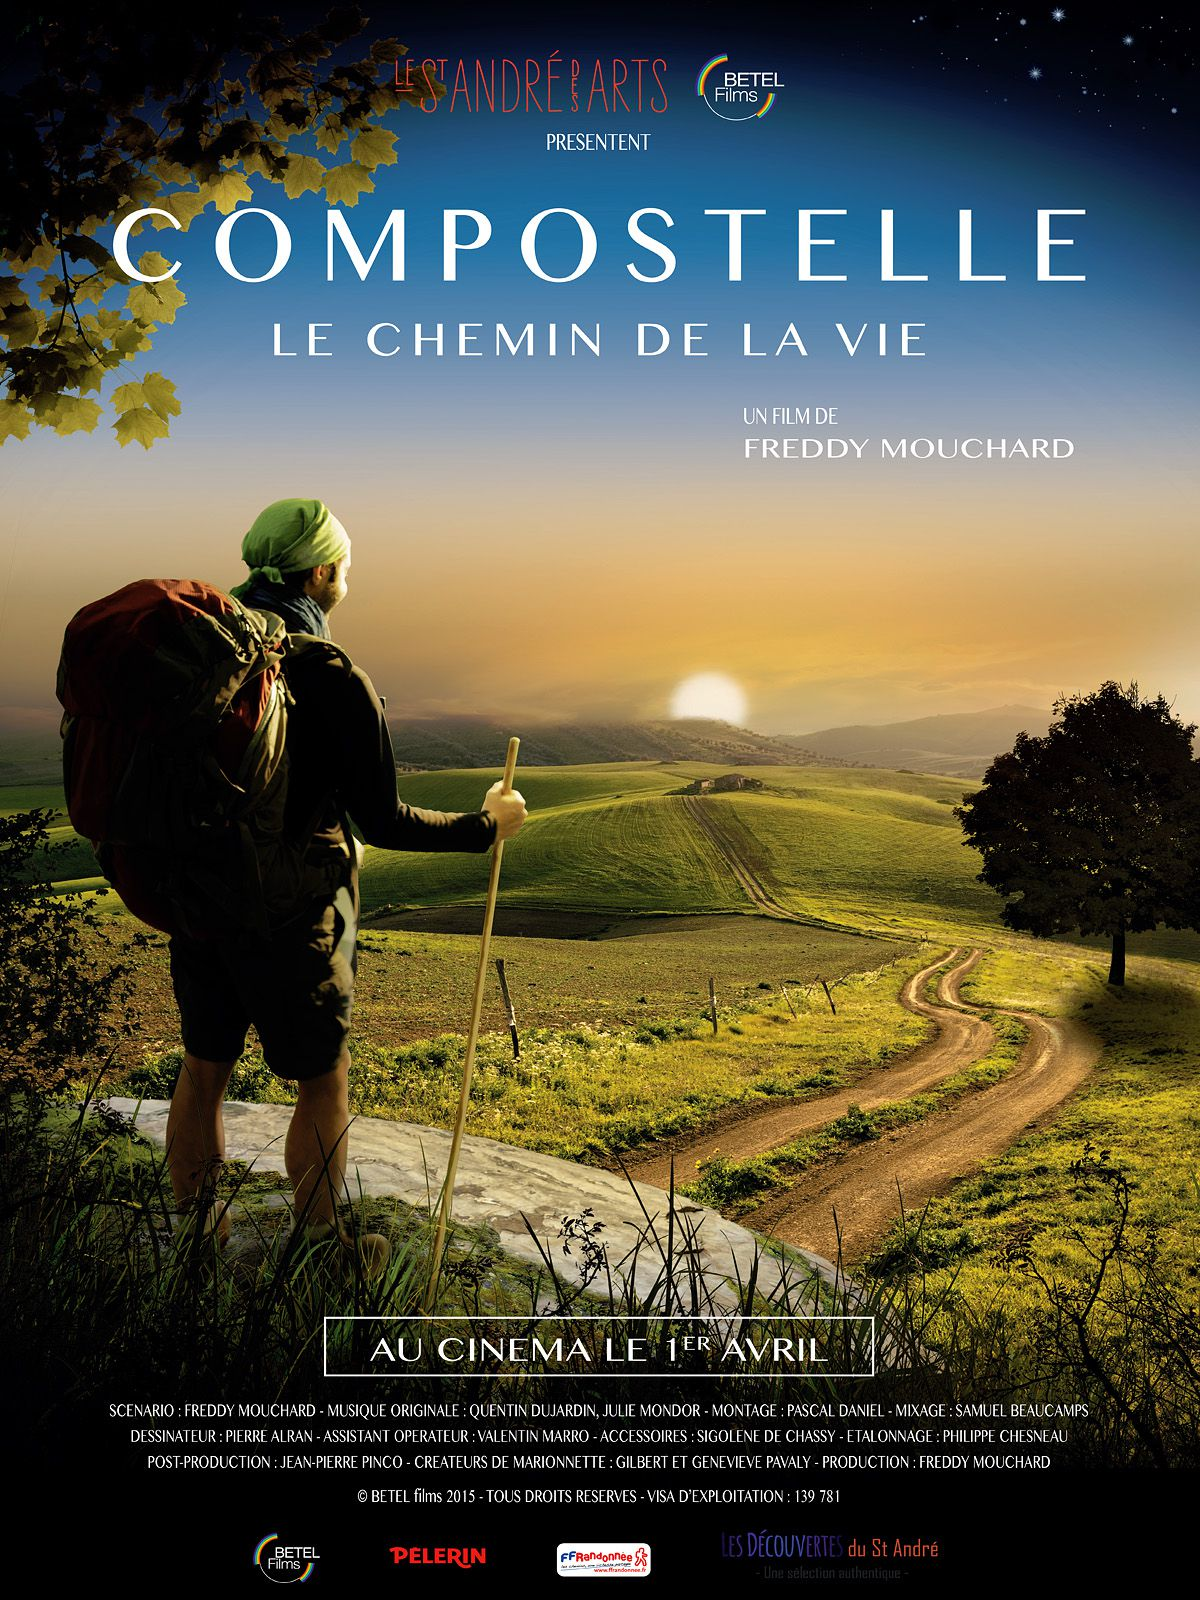 Compostelle, le chemin de la vie - Documentaire (2015)